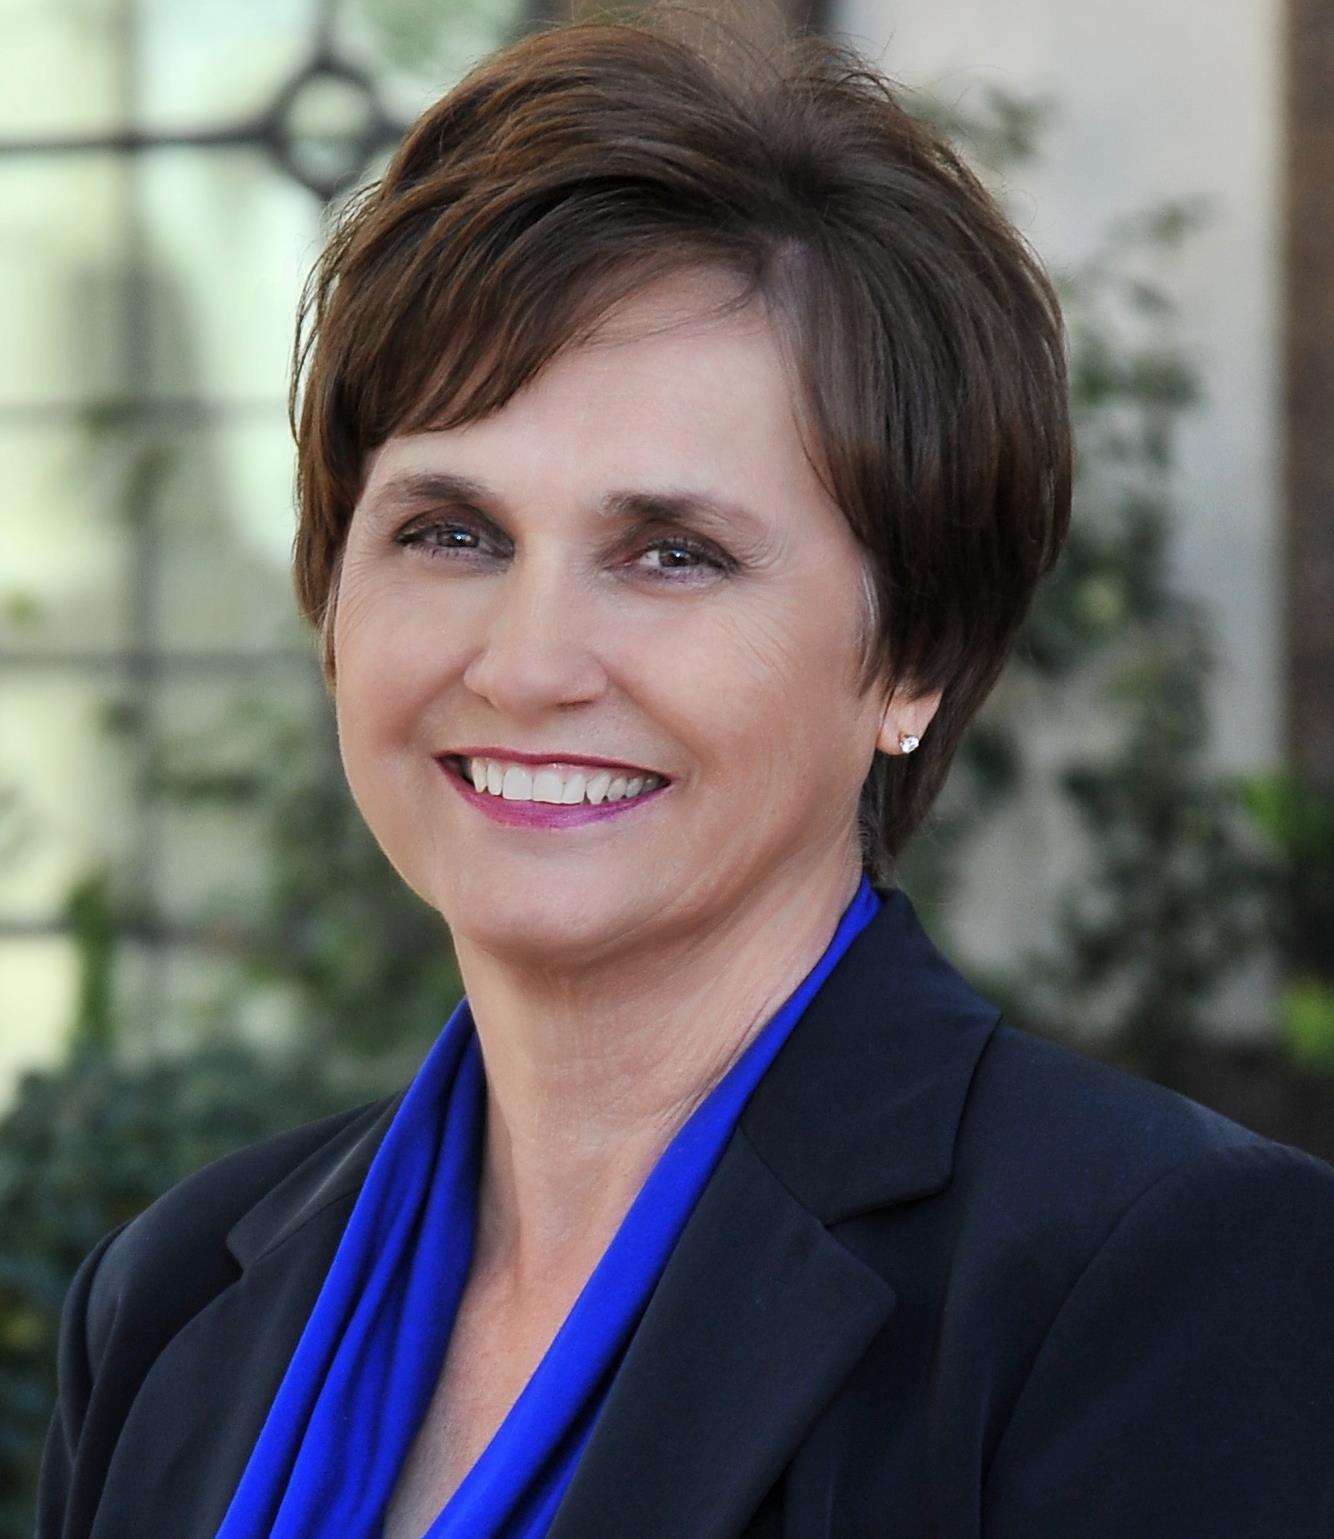 Cathie Cathie